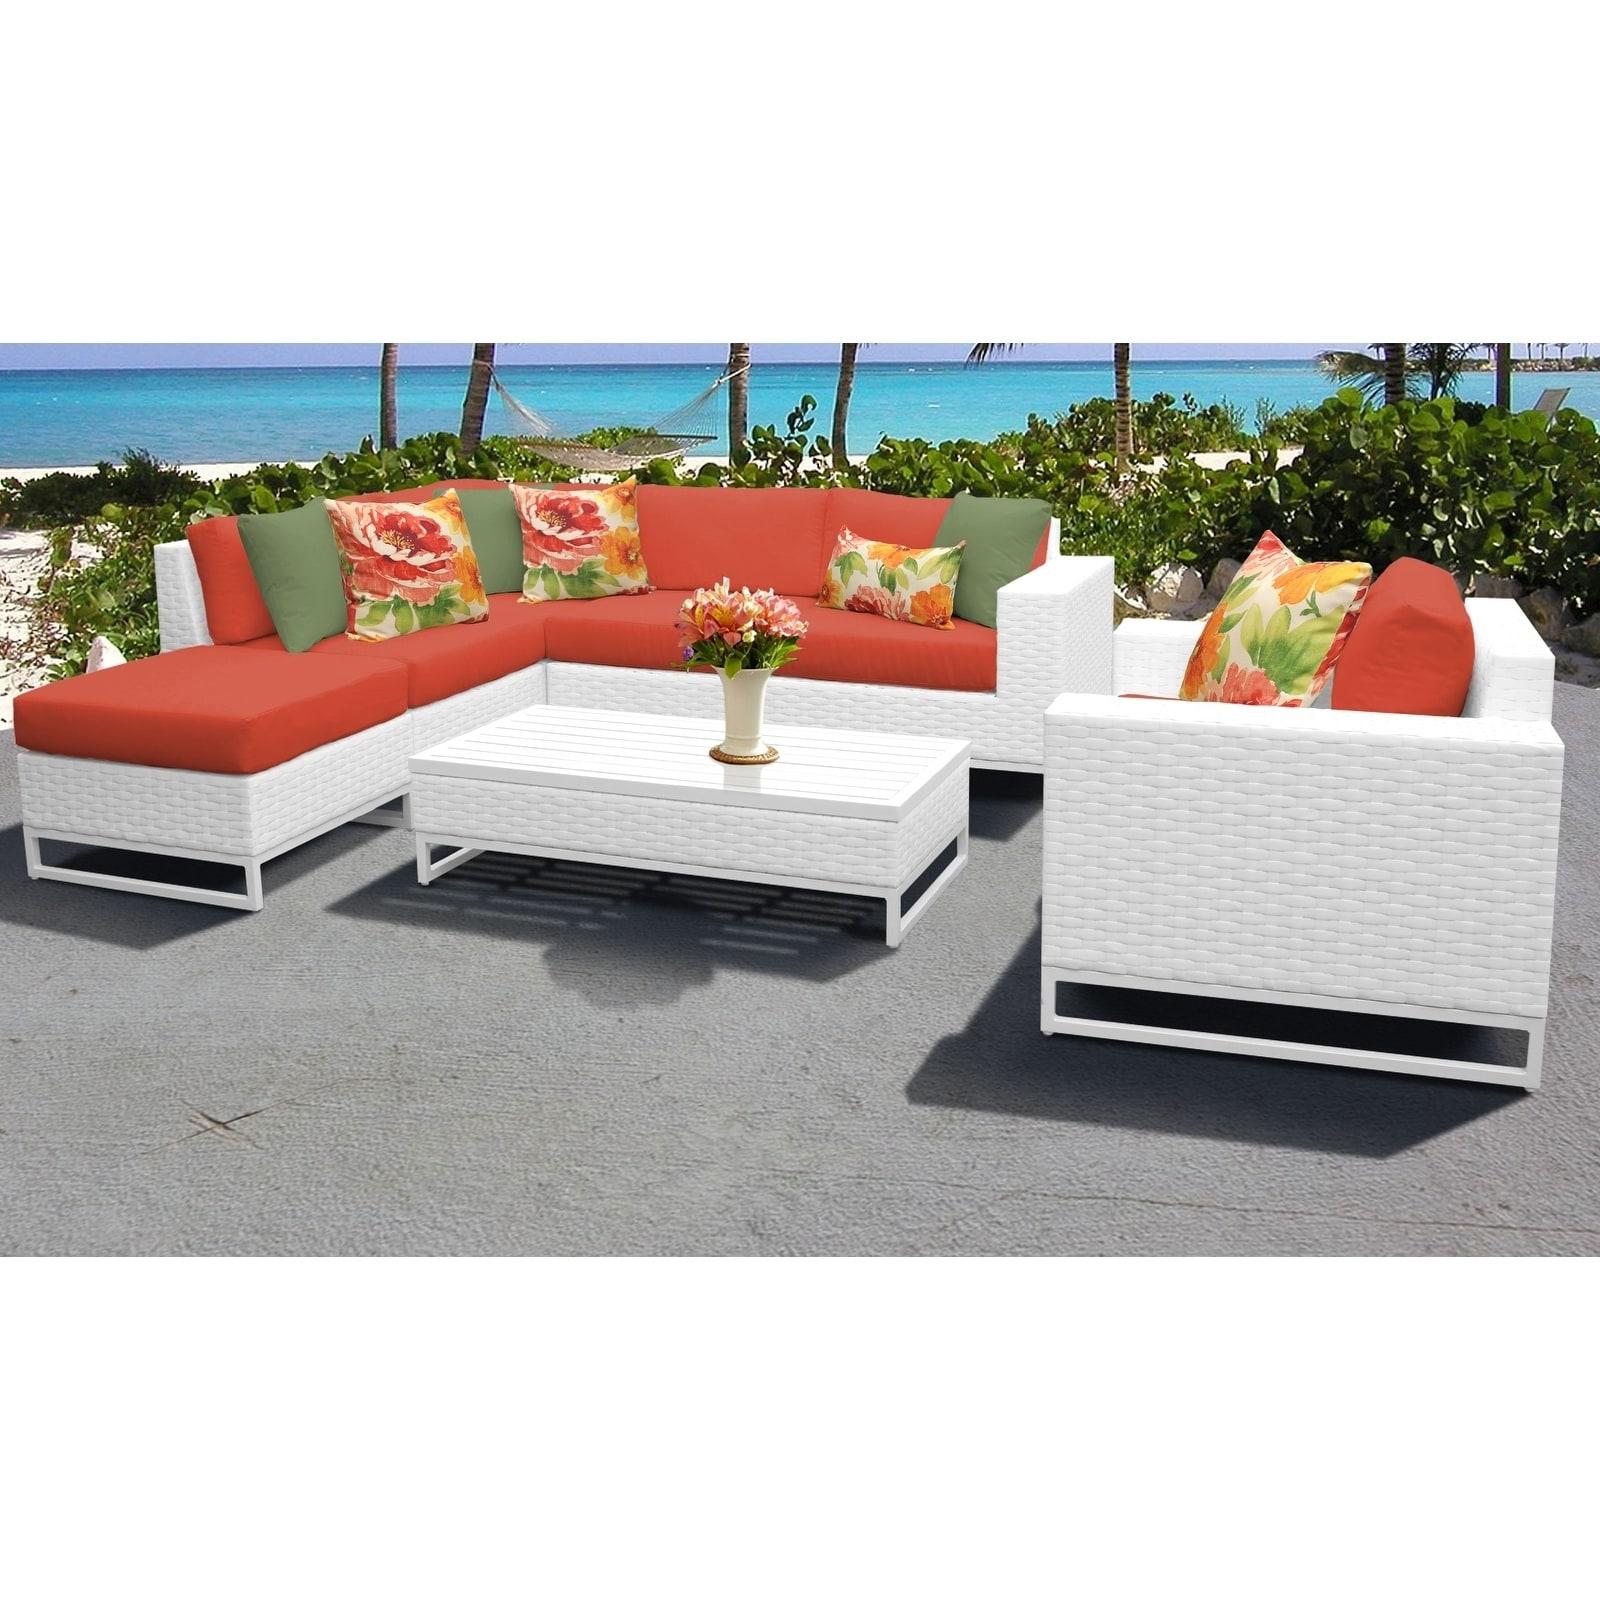 Wicker Patio Furniture In Miami